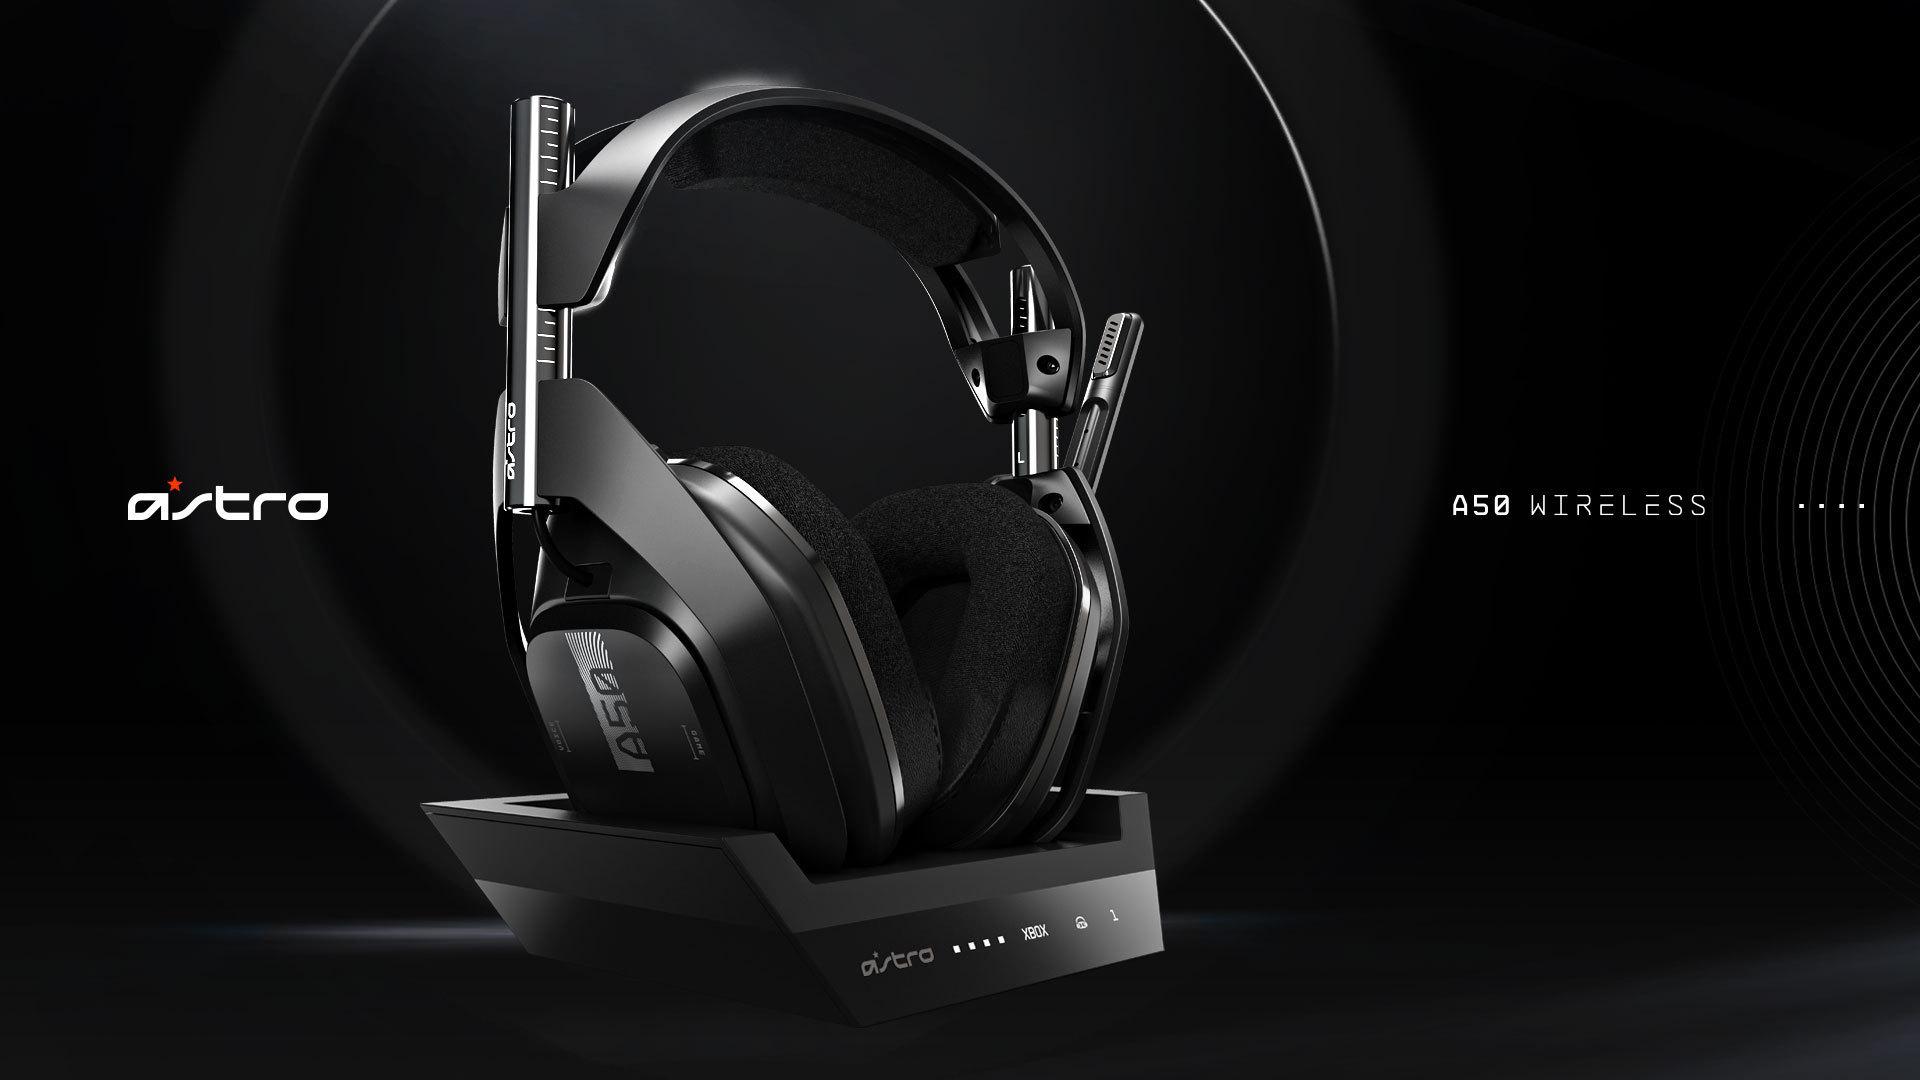 Novo headset ASTRO A50 + Base Station será lançado em agosto e é TOTALMENTE SEM FIO!